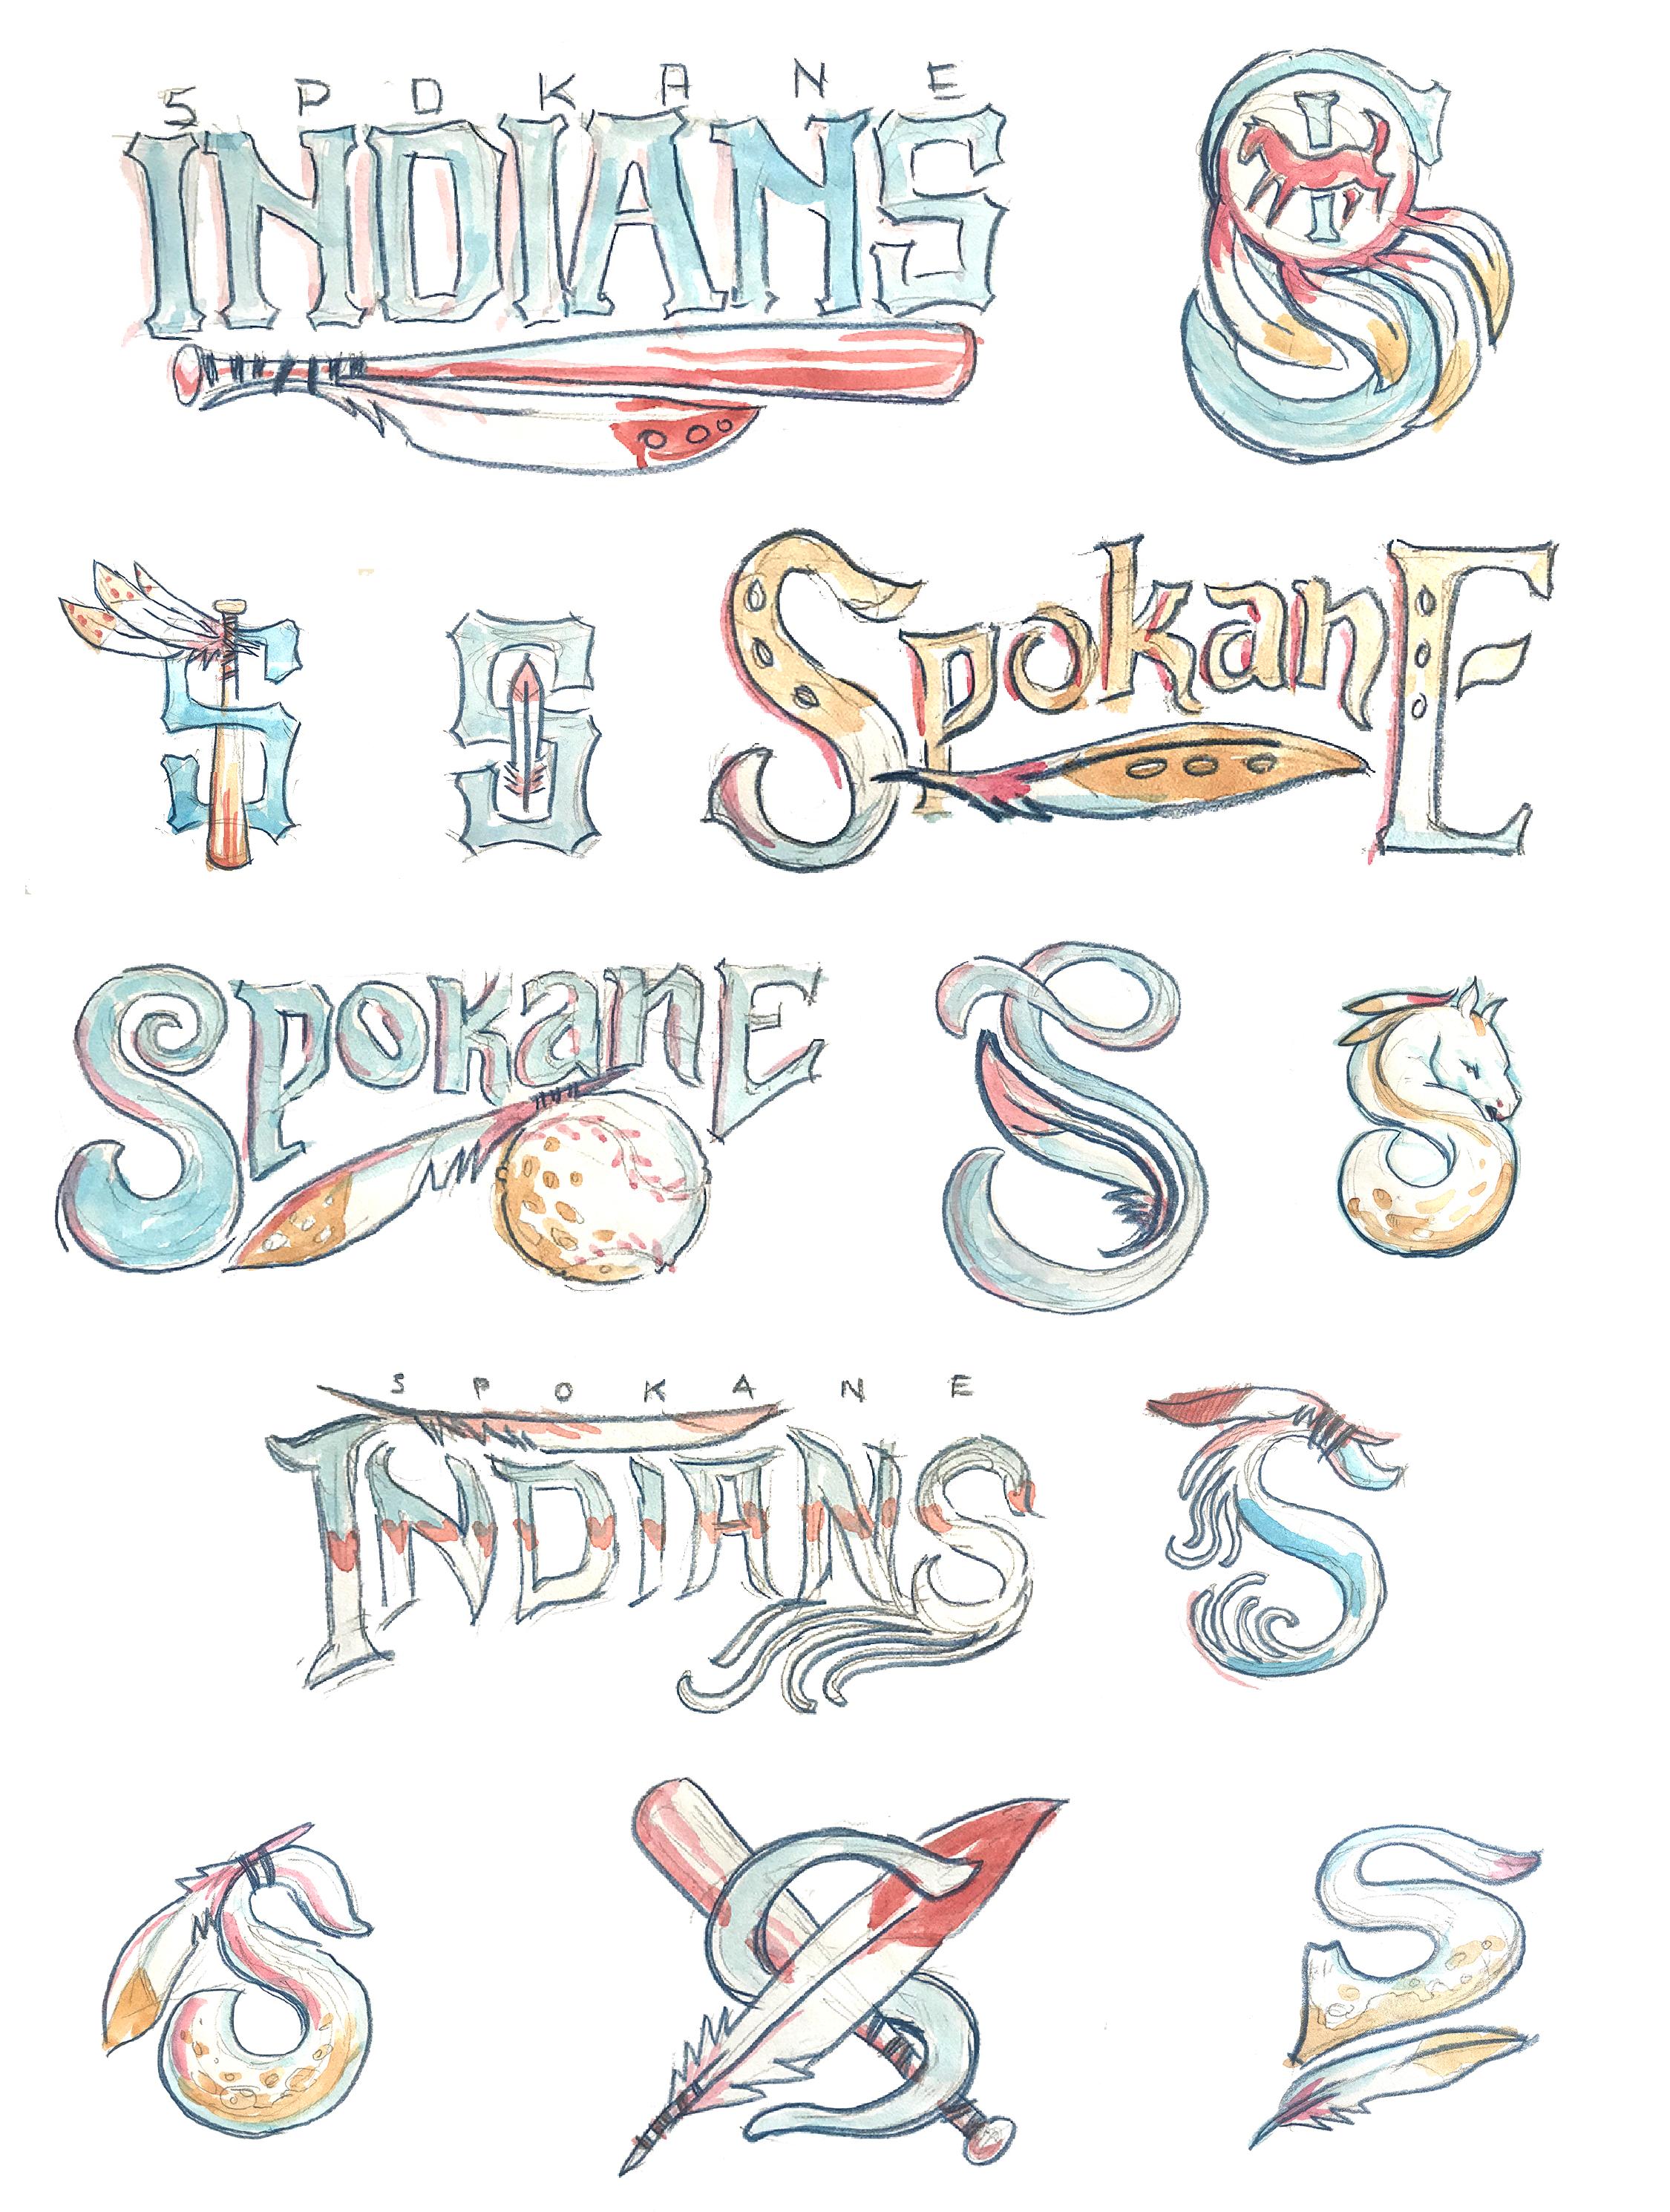 Spokane-2-Brand_Sketches-1.png